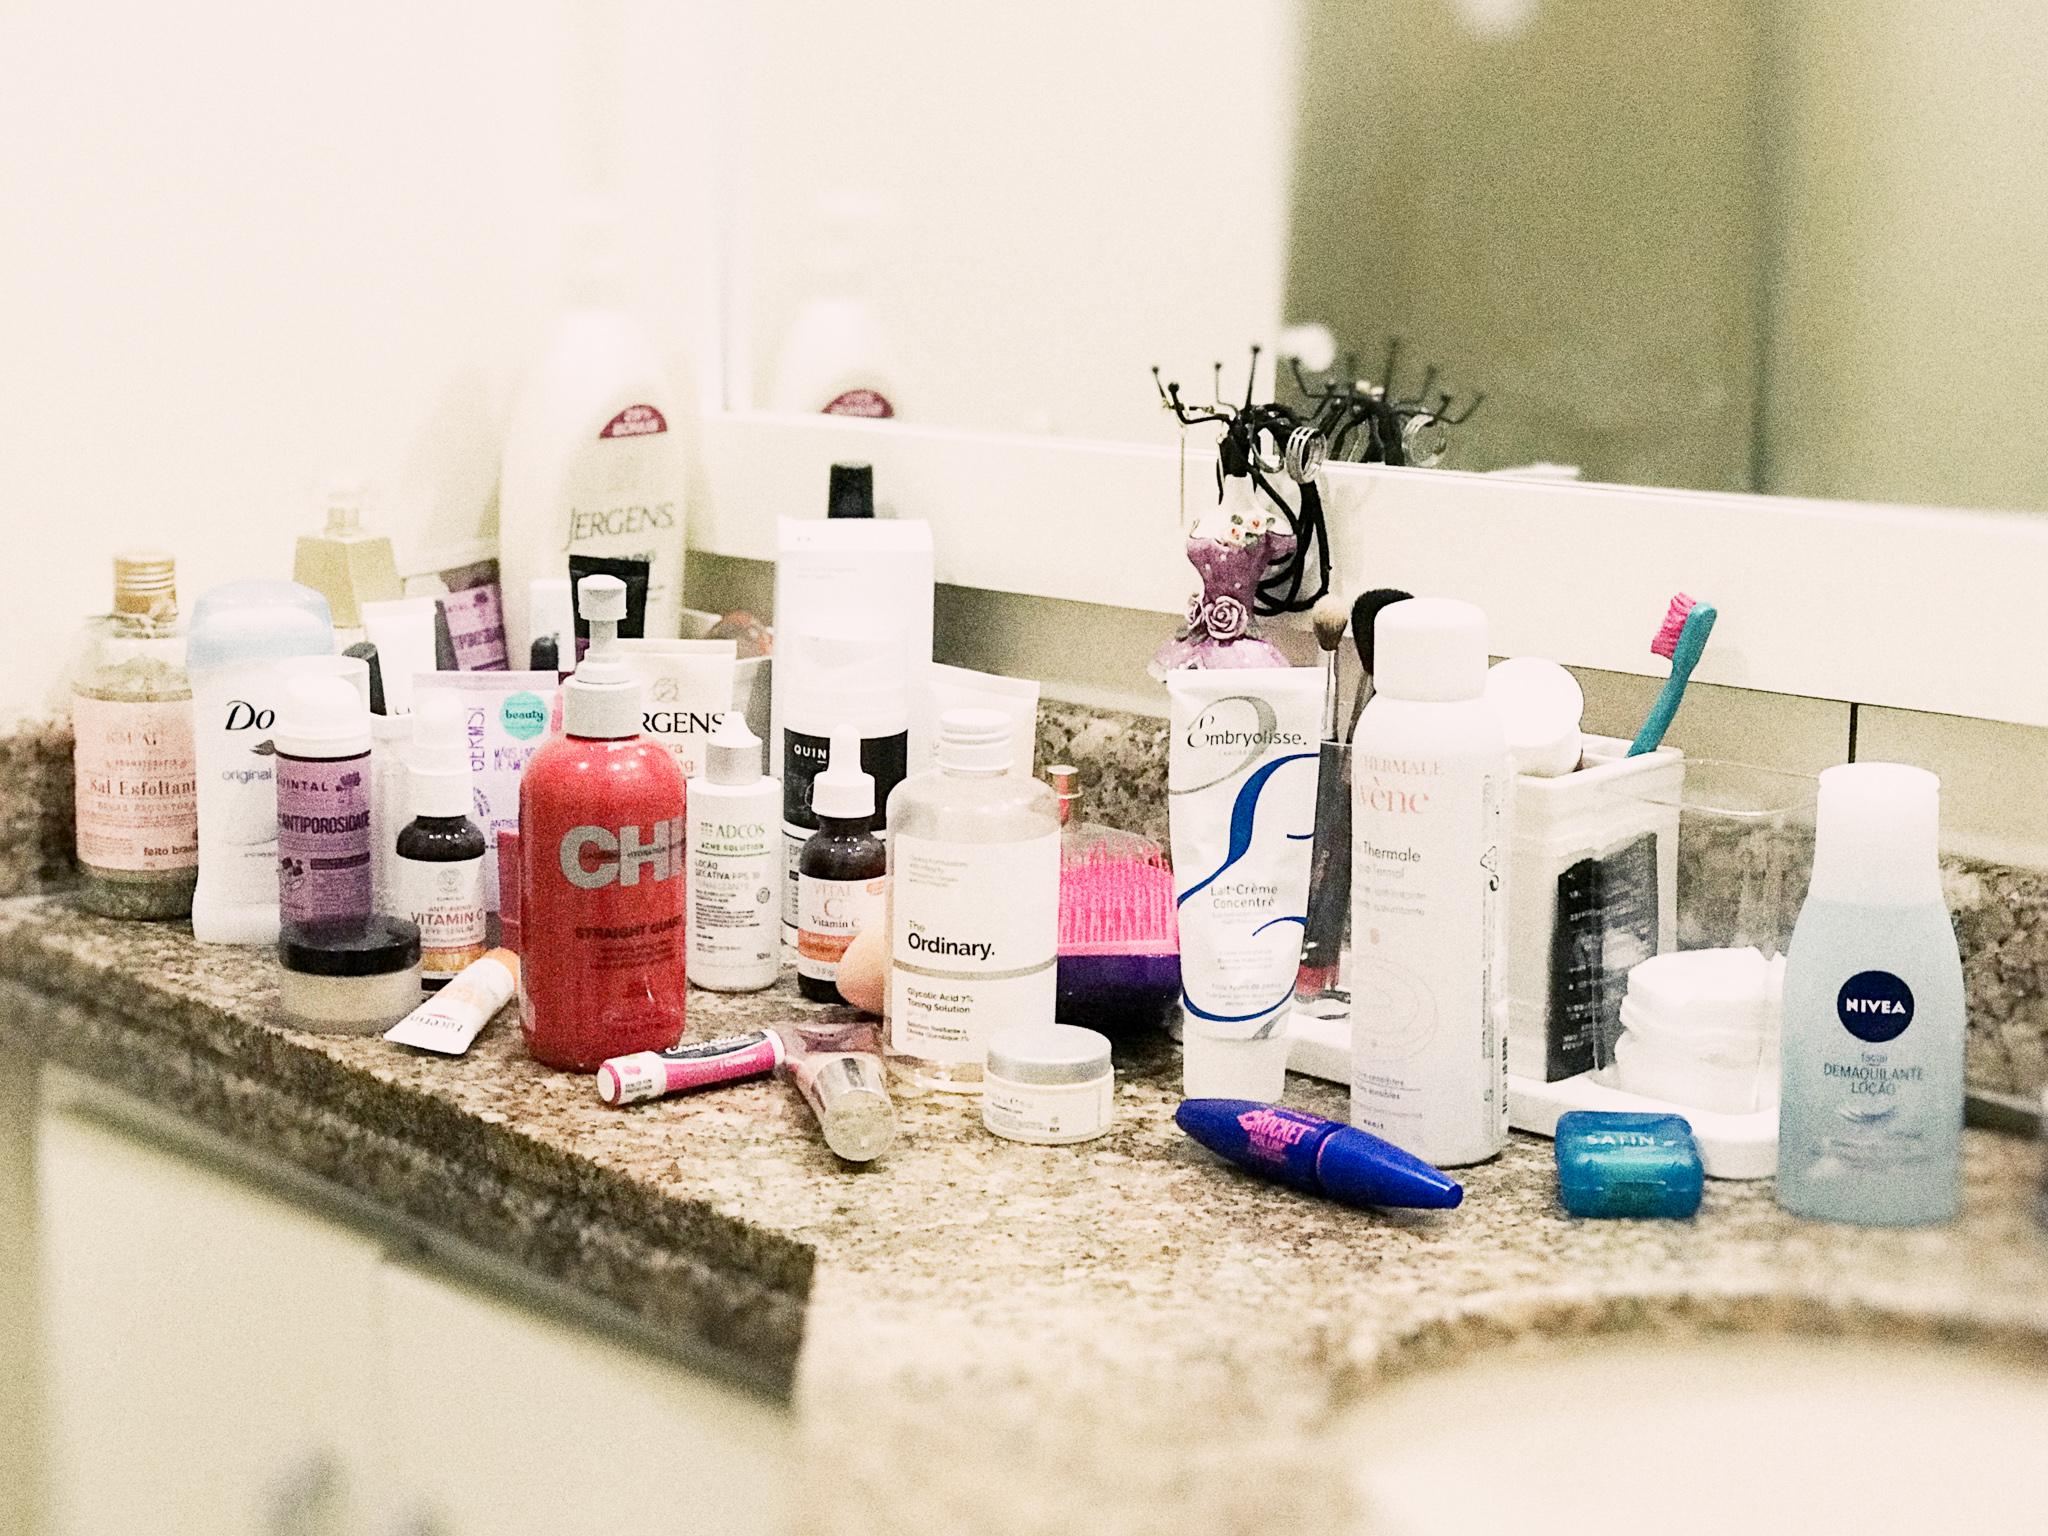 banheiro - #Selfcaresunday A Beauty Routine da Paula Olive, Make Up Artist da Sephora